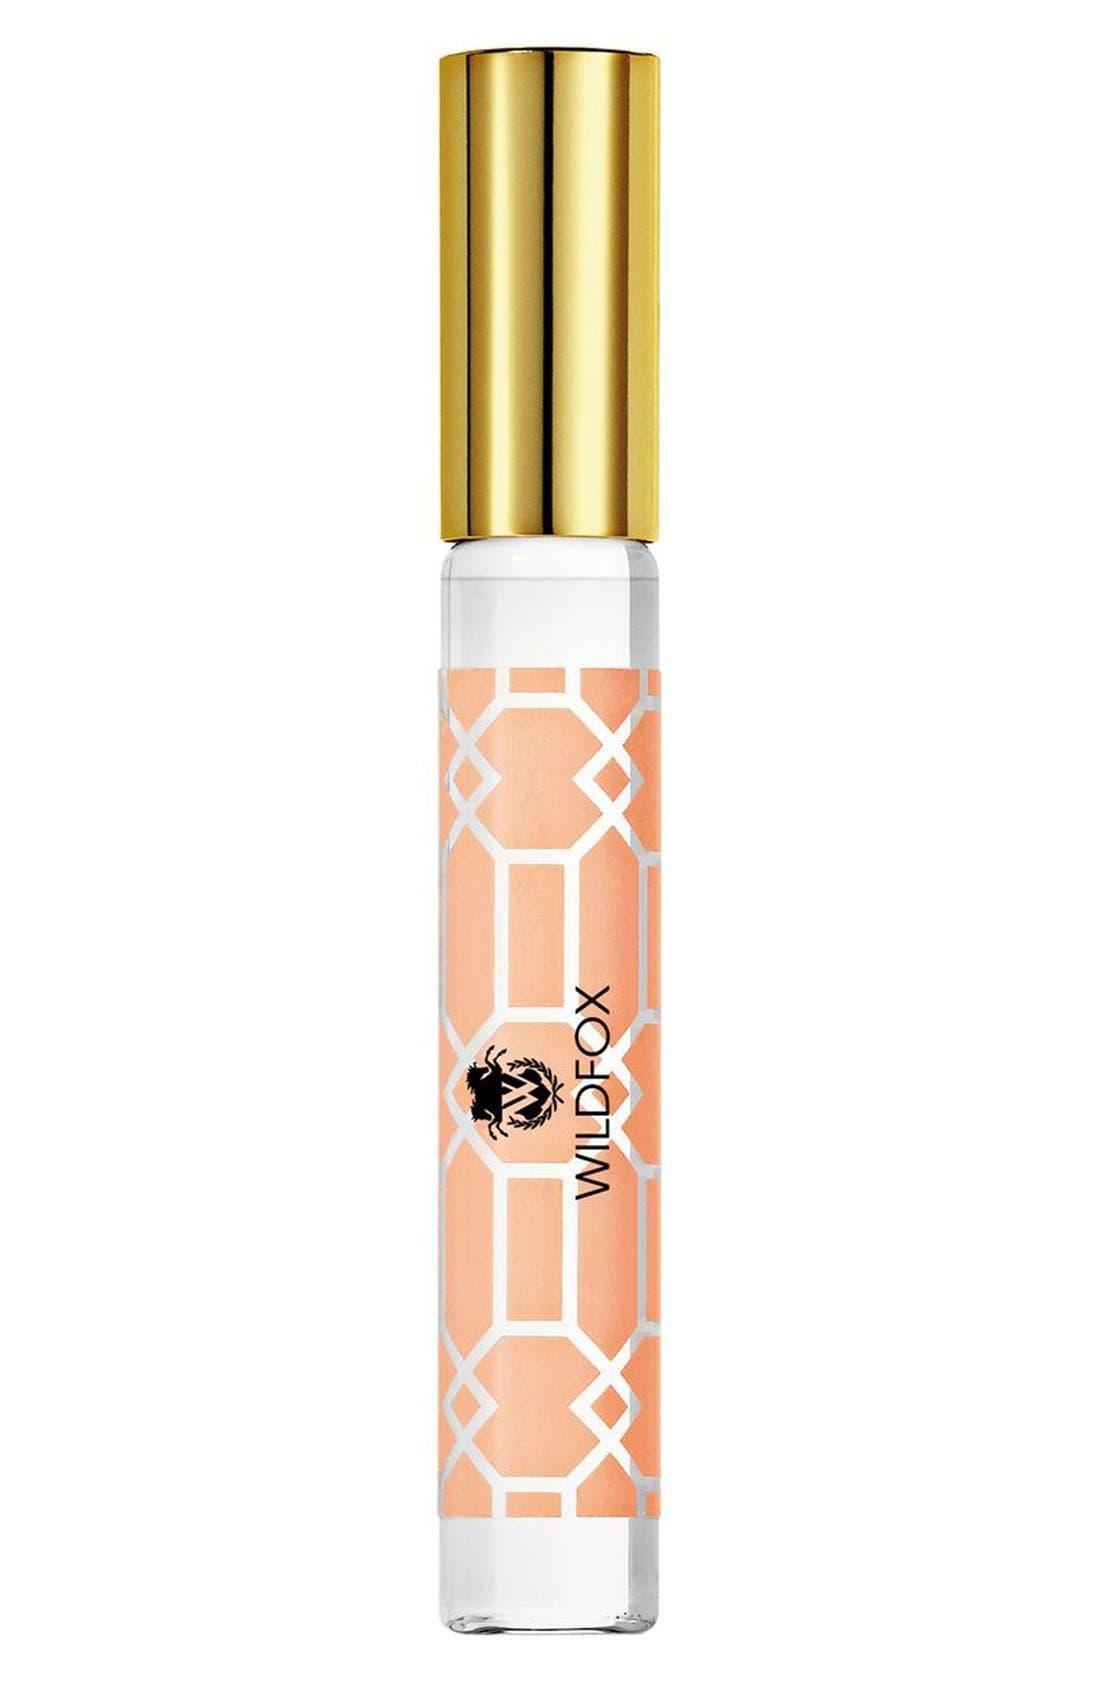 WILDFOX Eau de Parfum Rollerball, Main, color, NO COLOR